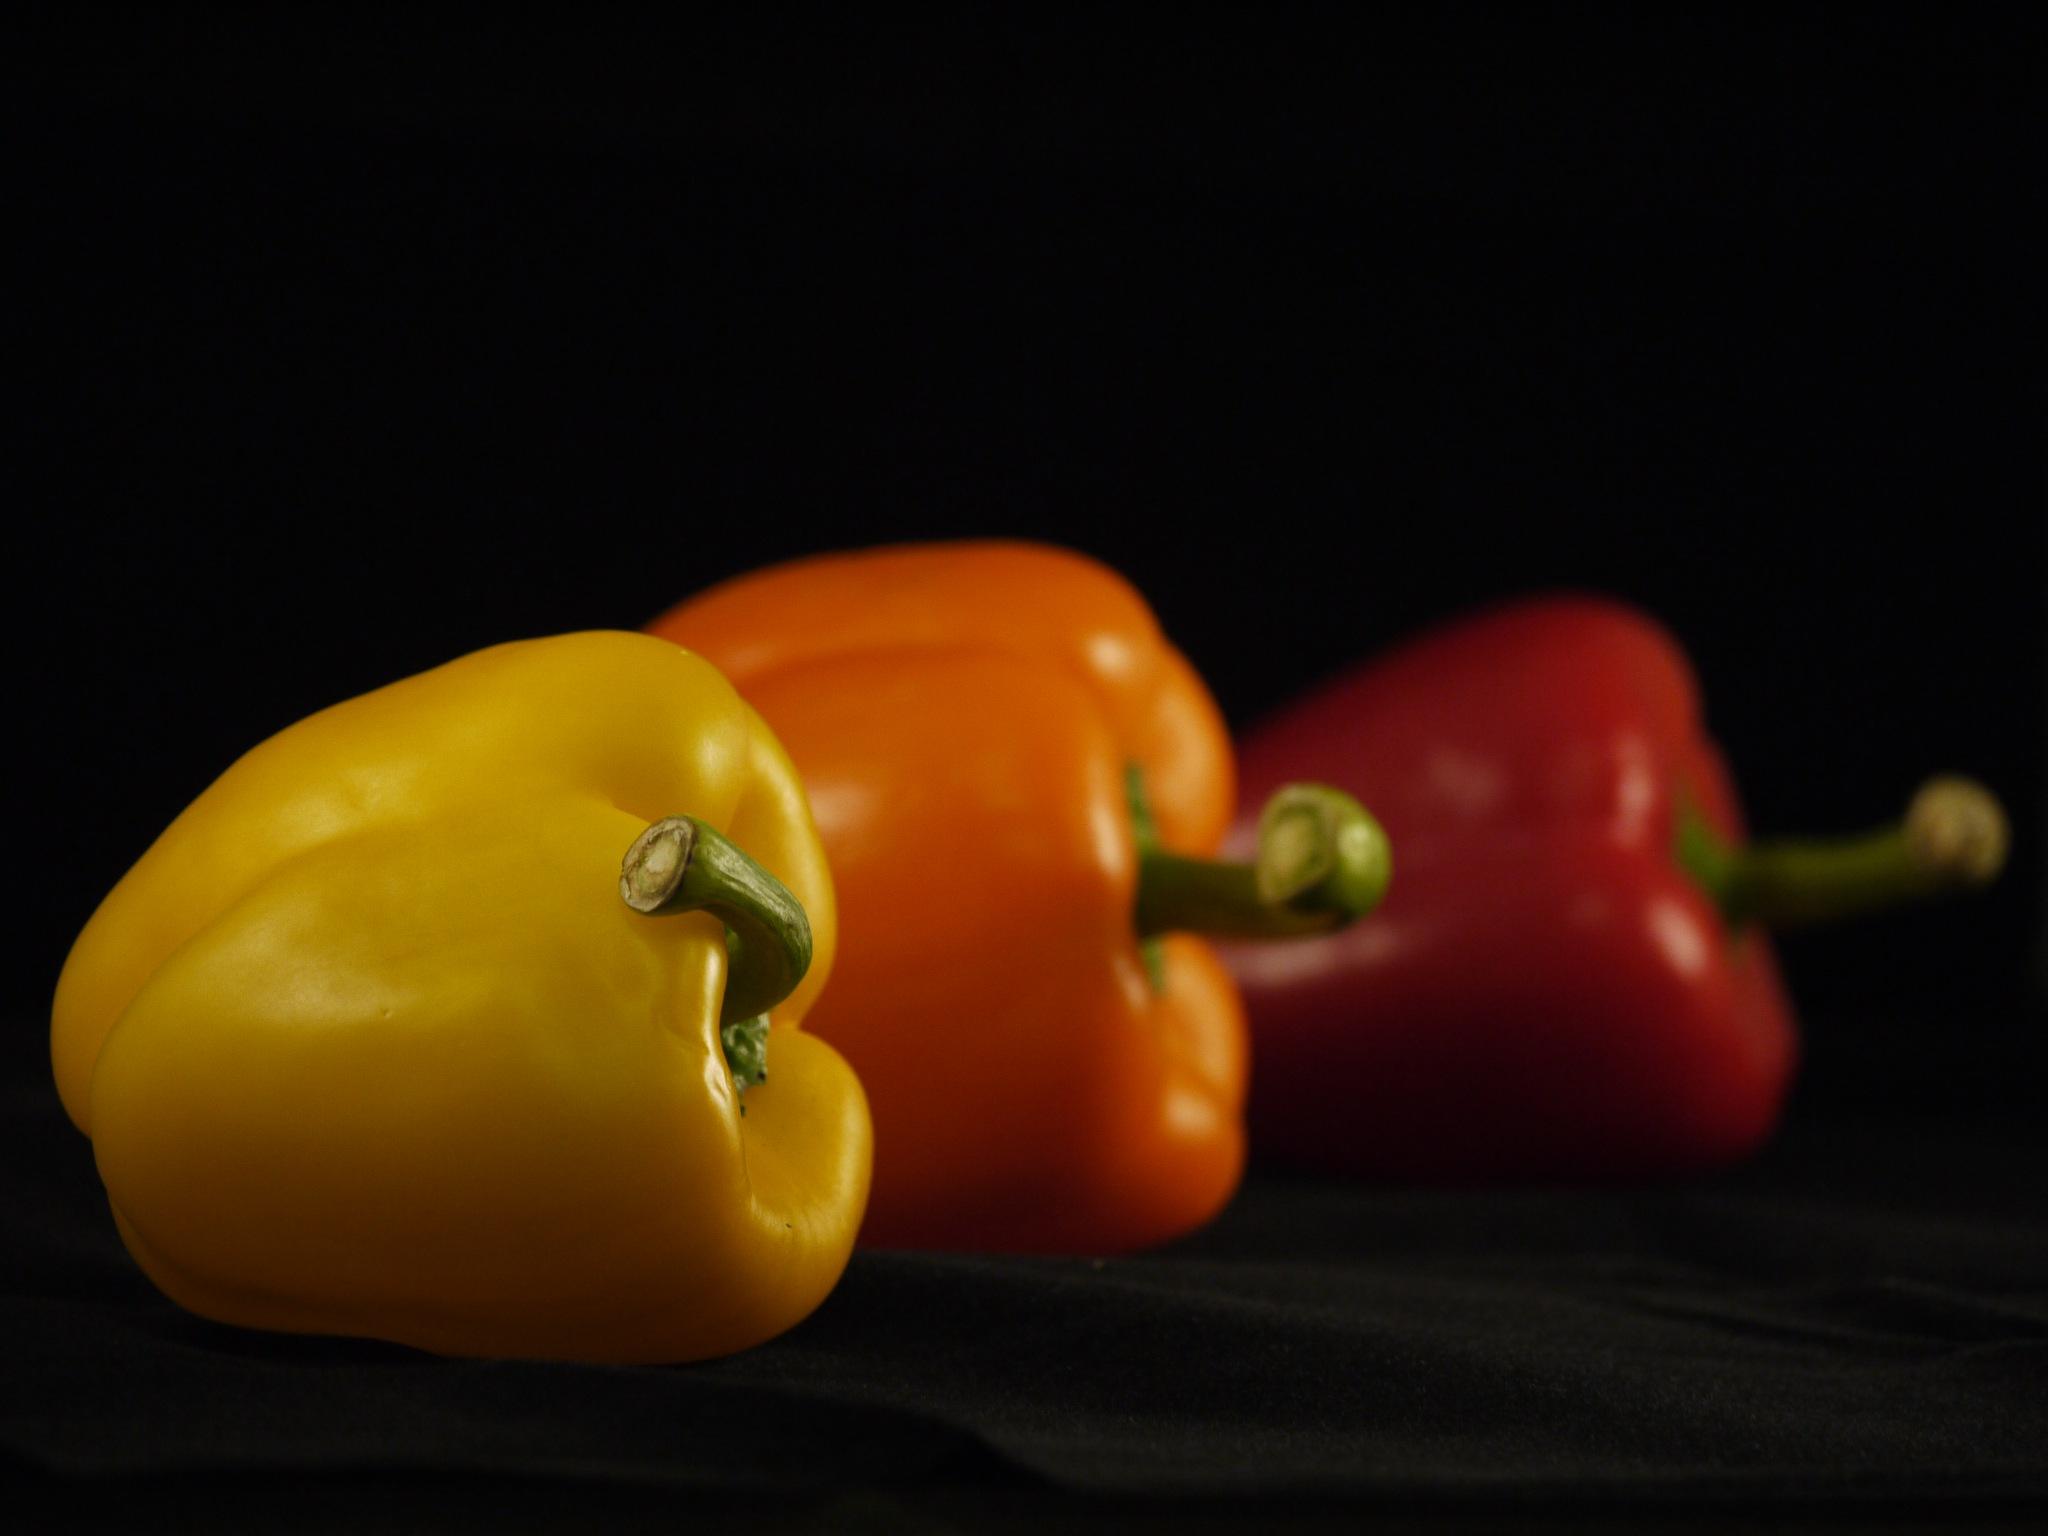 Peppers by Derek Hollis